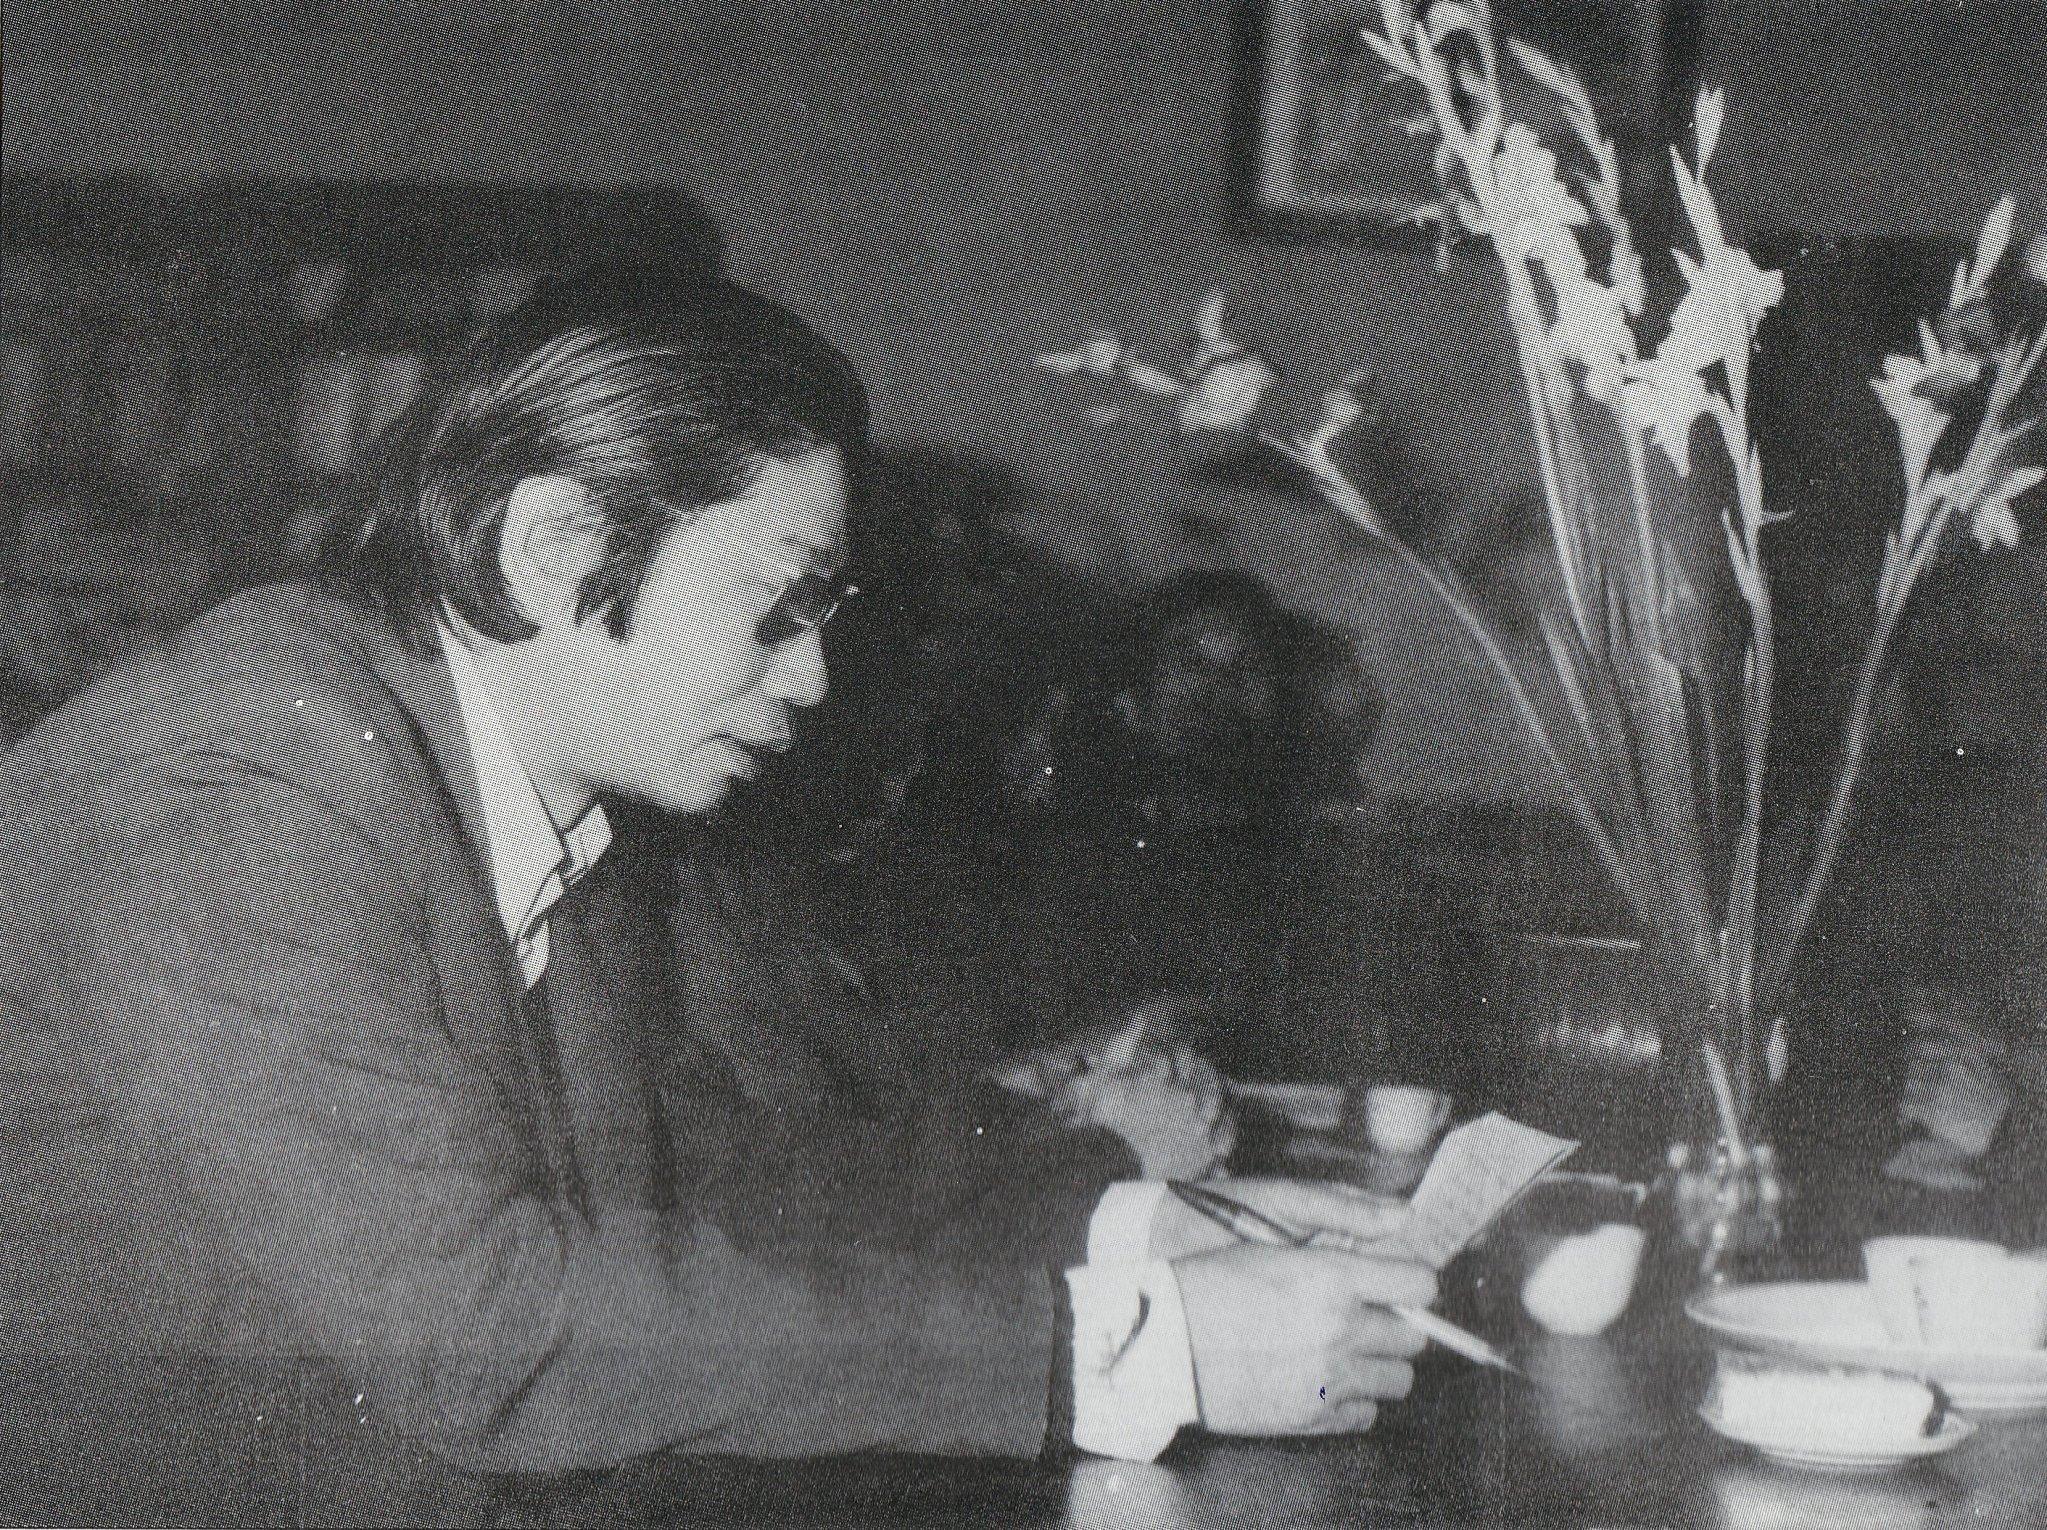 Bước đầu tìm hiểu những giá trị các tác phẩm Xuân Trình – TS Trần Đình Ngôn